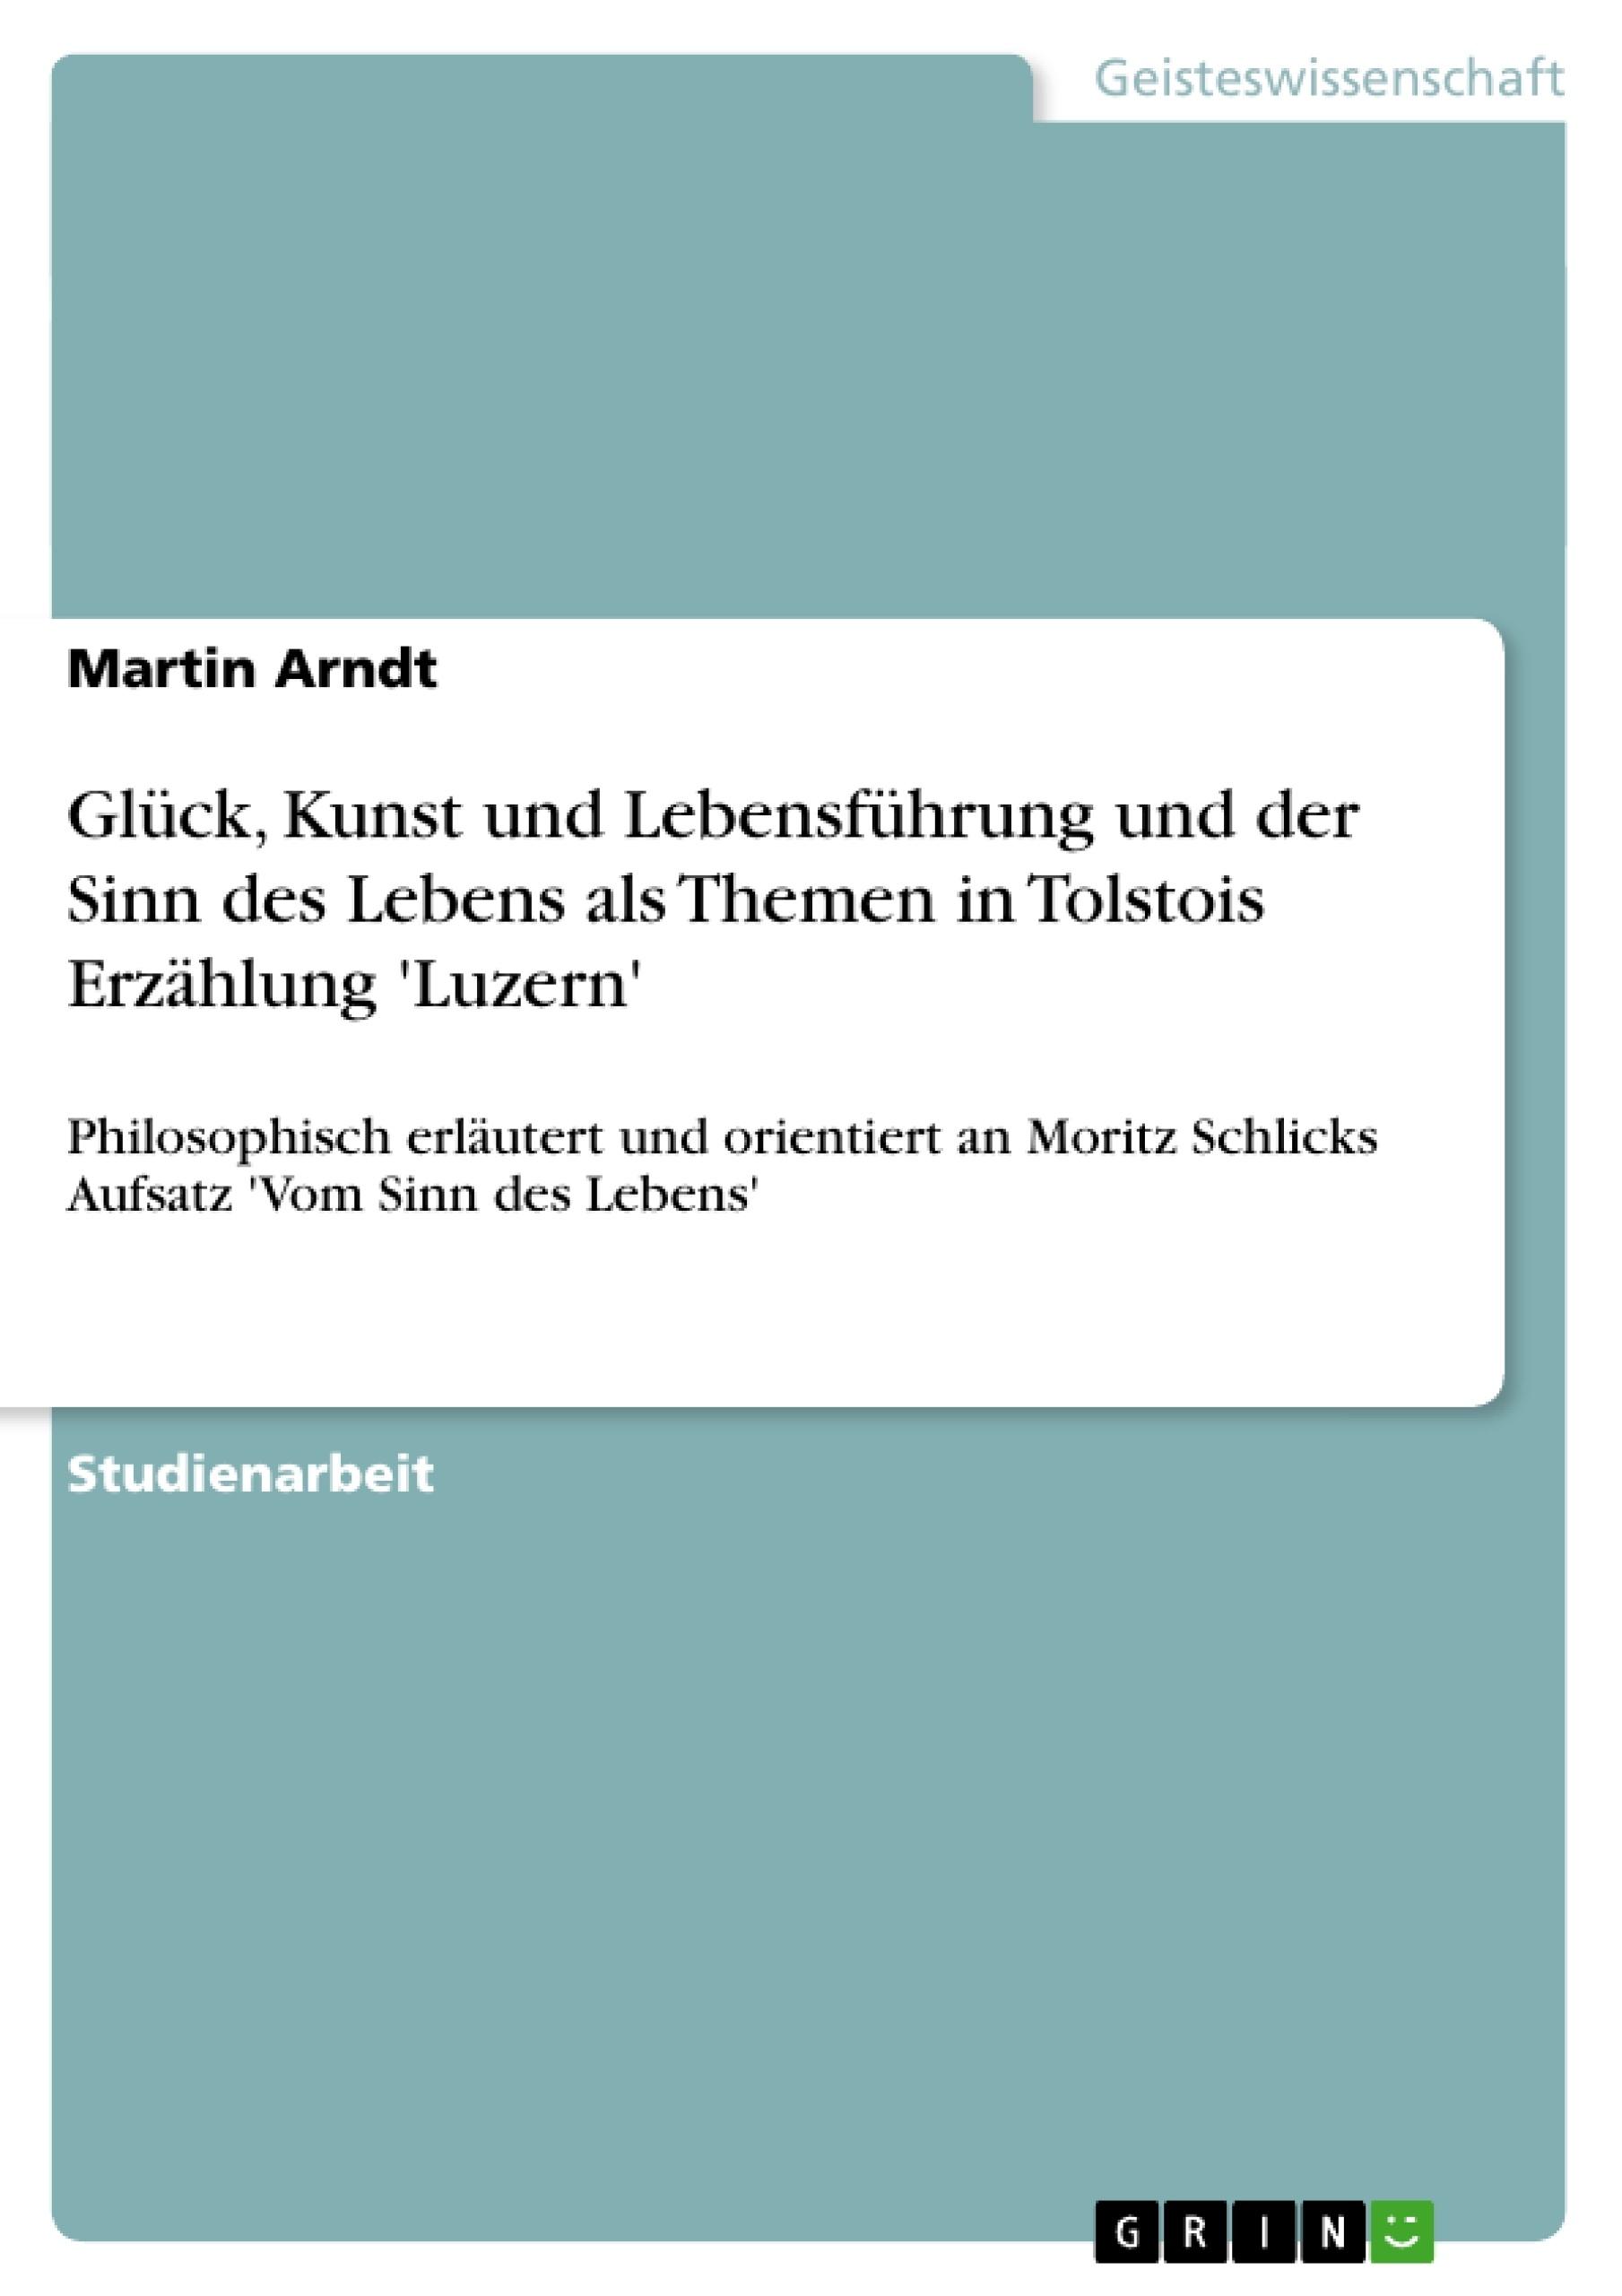 Titel: Glück, Kunst und Lebensführung und der Sinn des Lebens als Themen in Tolstois Erzählung 'Luzern'